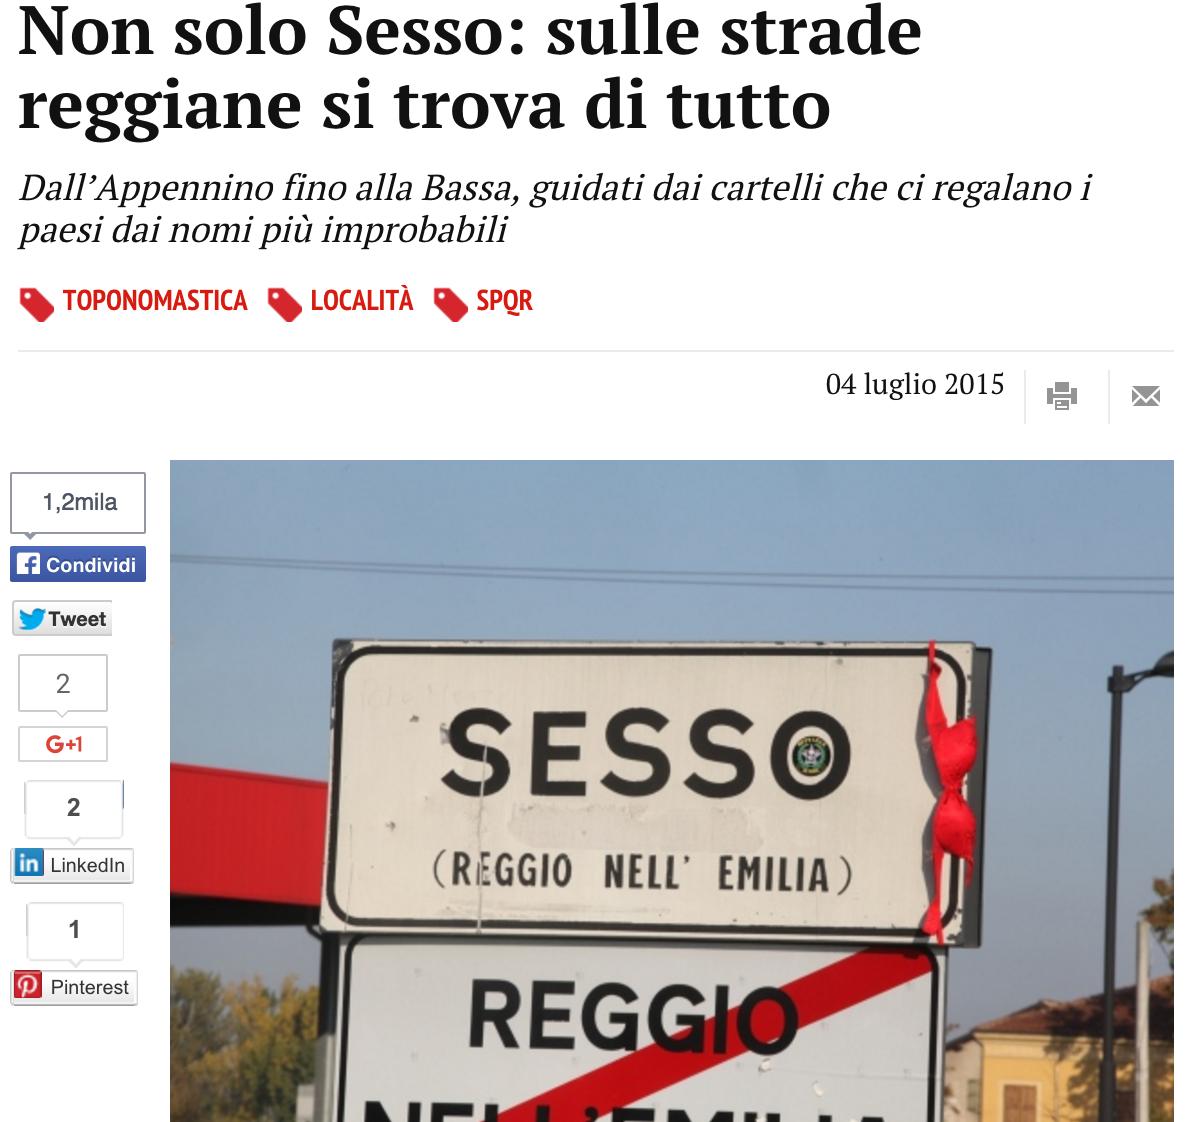 Sesso, Camporella, Lupozzo... Gli strani Comuni dell'Emilia